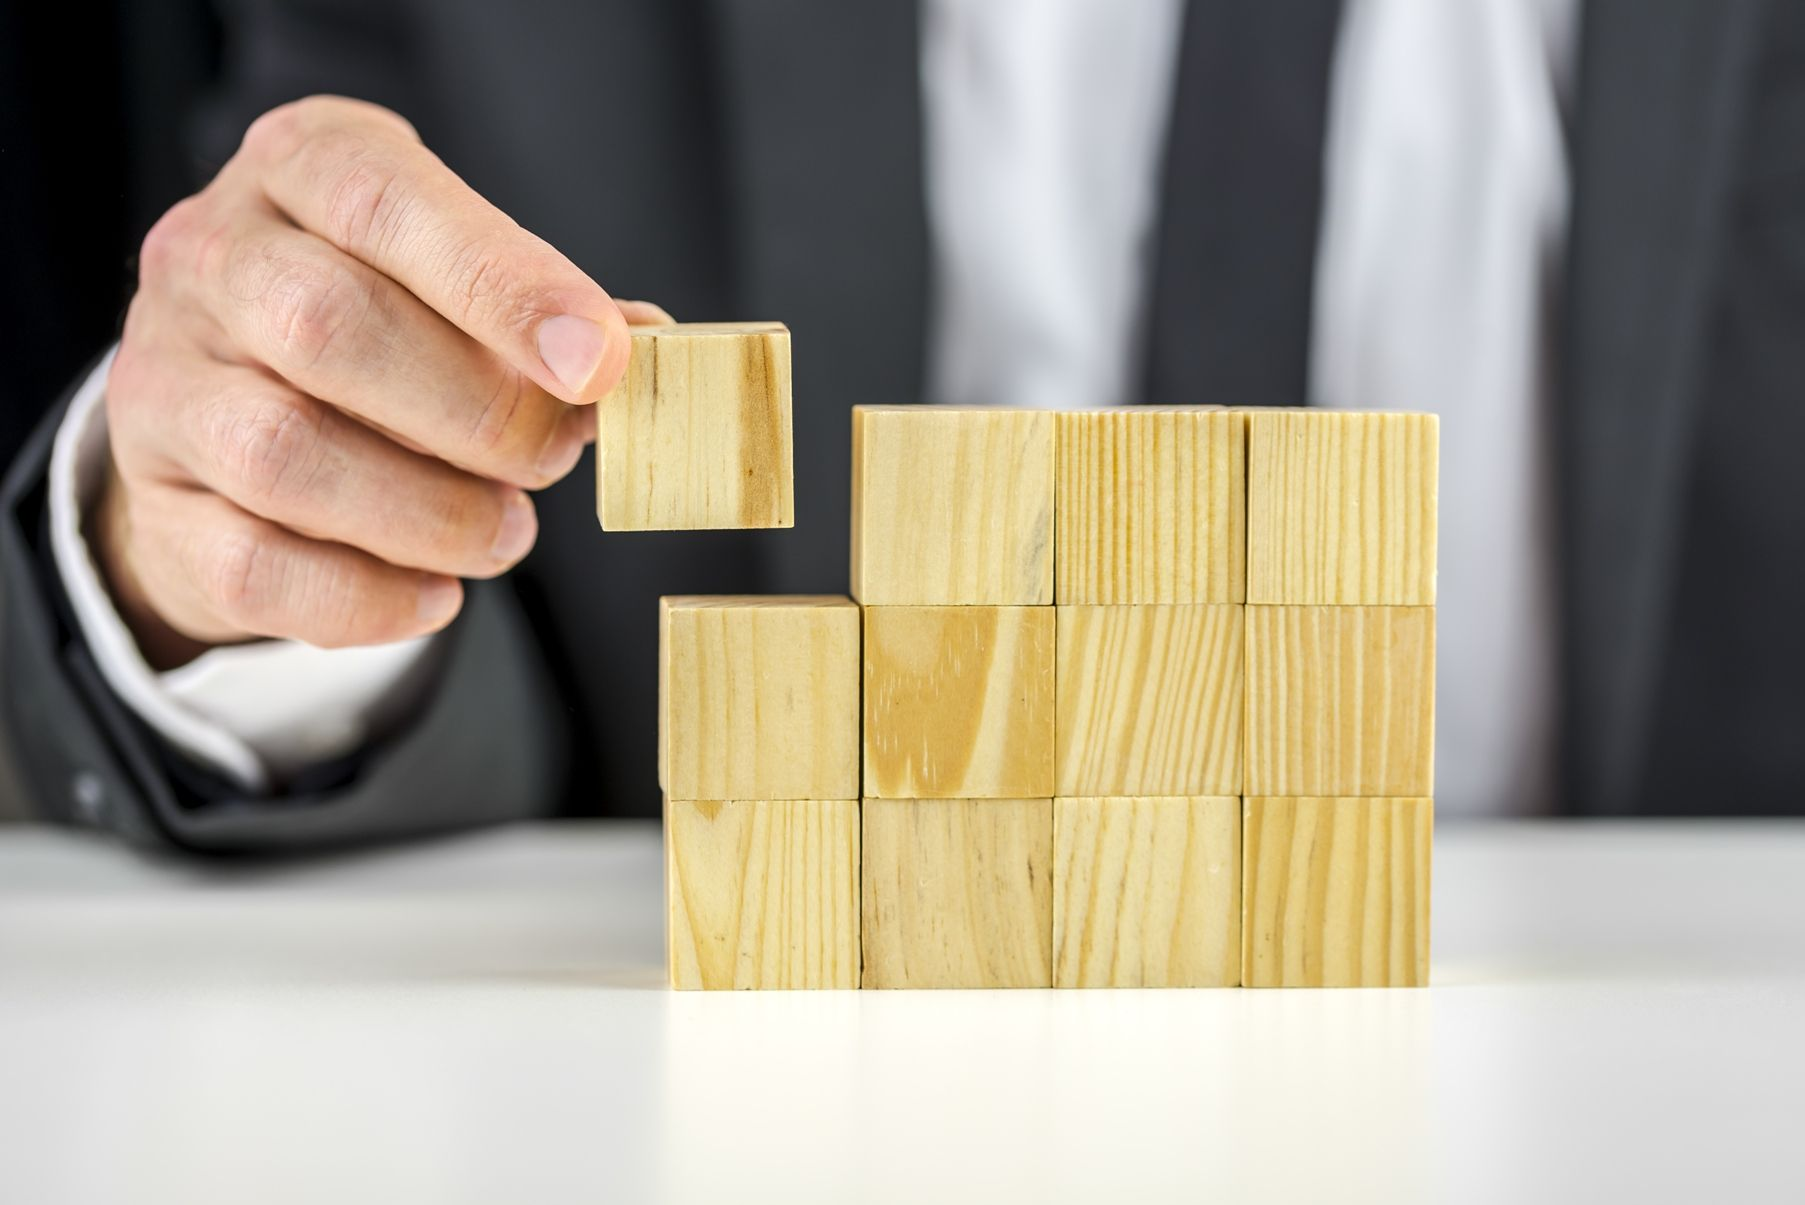 Зарплата Руководителей Госкомпаний Вырастает в 3,5 – 26 Раз. Выгодно ли Это Государству